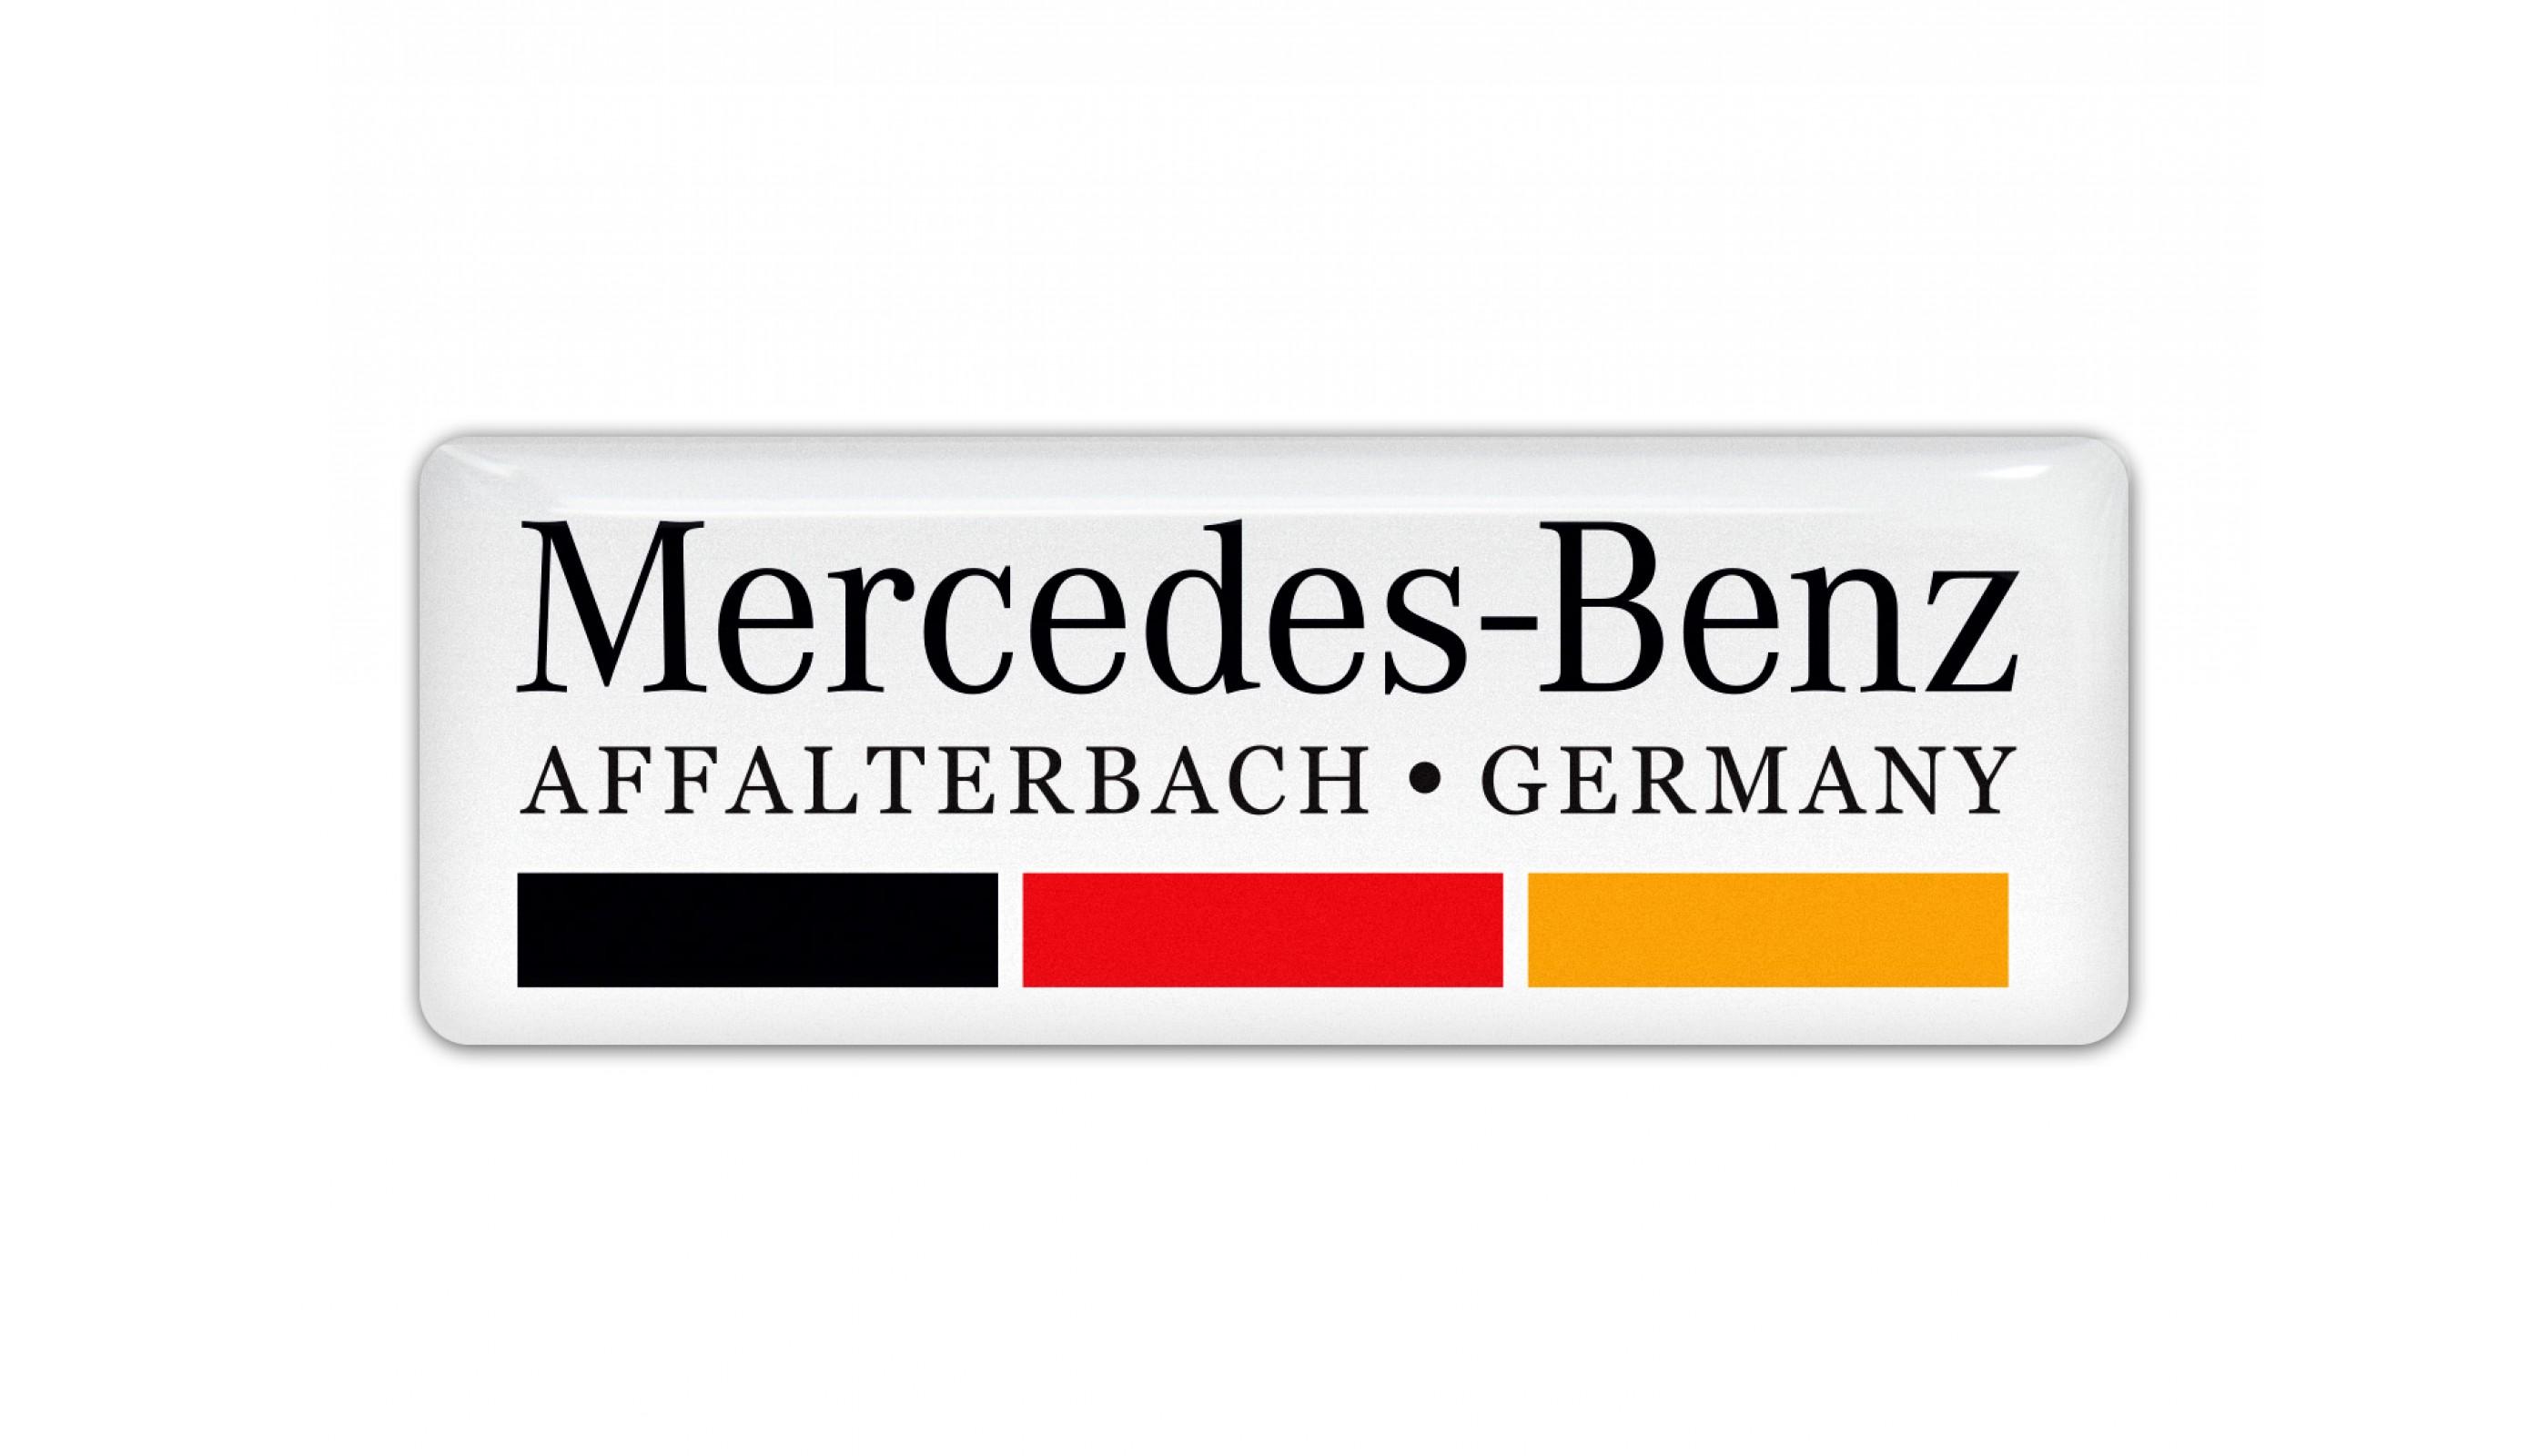 Mercedes Benz Affalterbach Germany